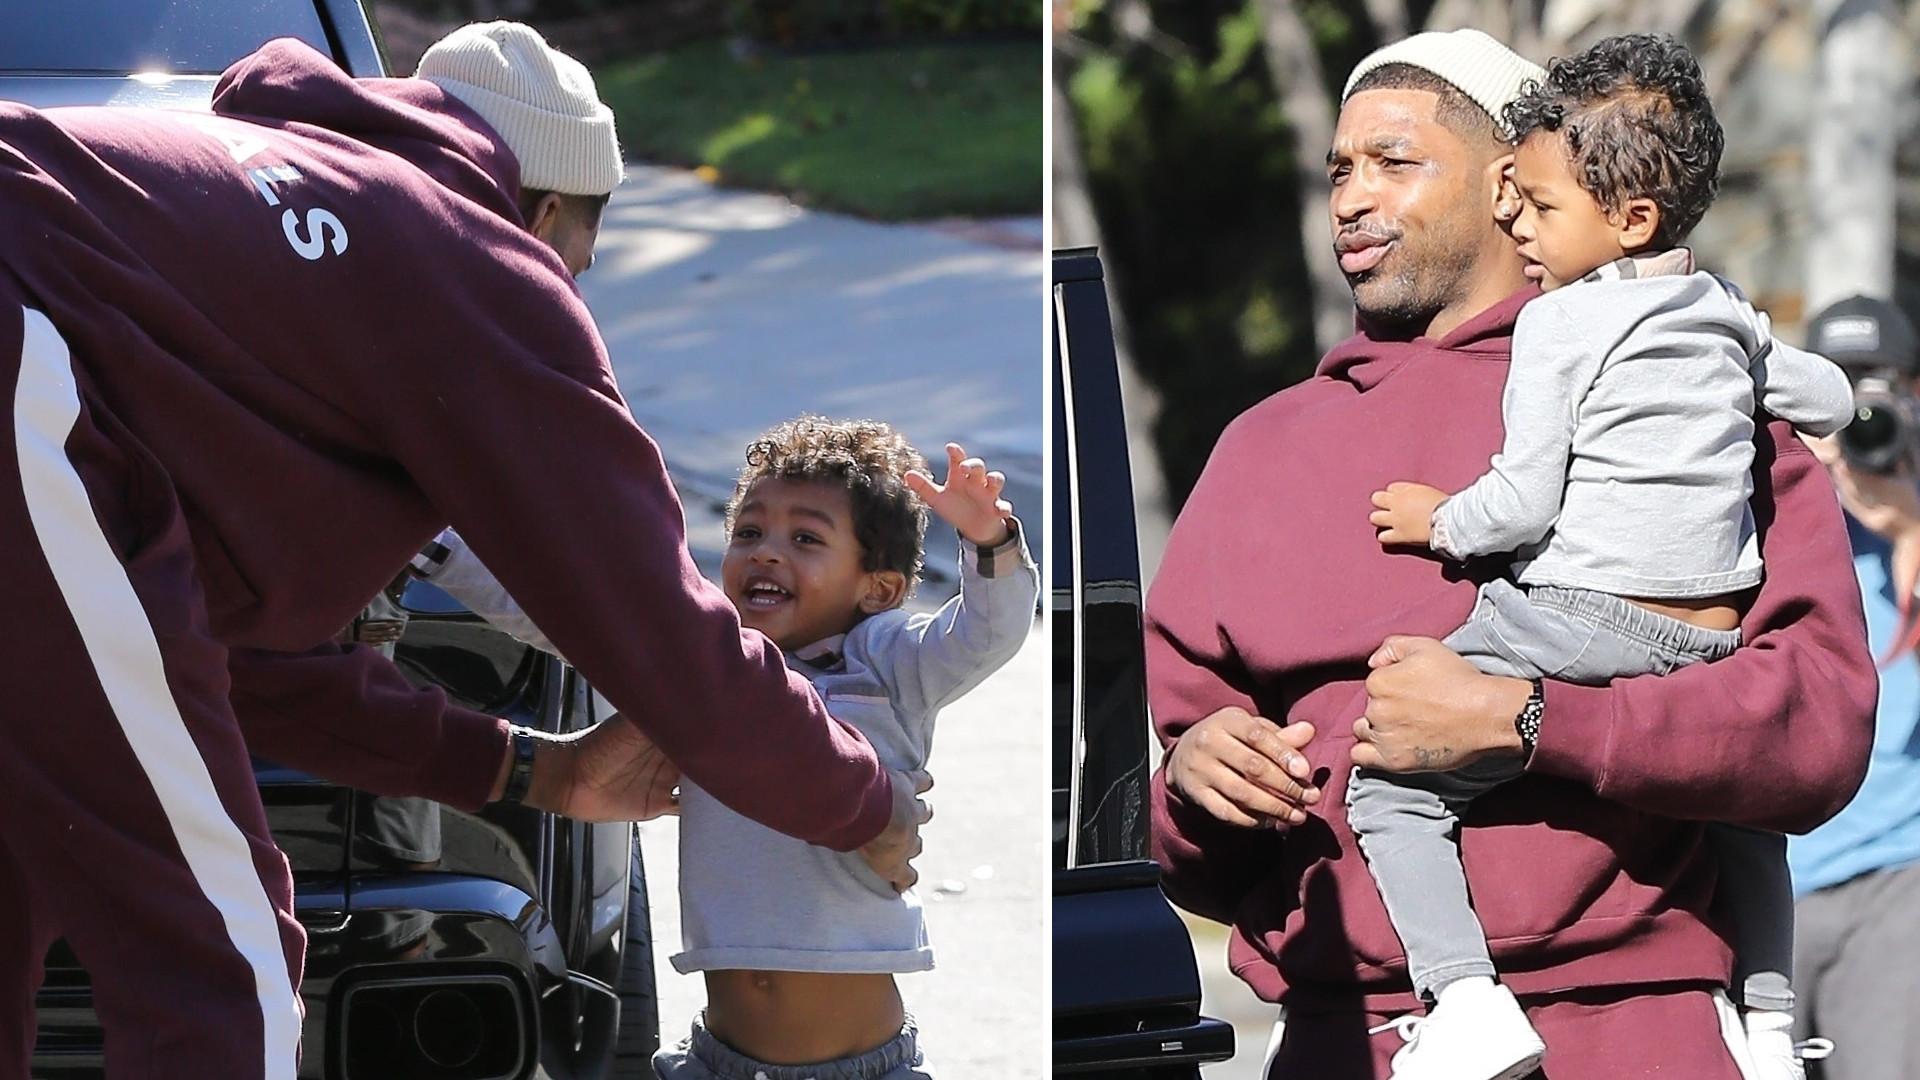 Patrzcie, jakim czułym ojcem jest były chłopak Khloe Kardashian – Tristan zabrał 3-letniego syna na zakupy (ZDJĘCIA)